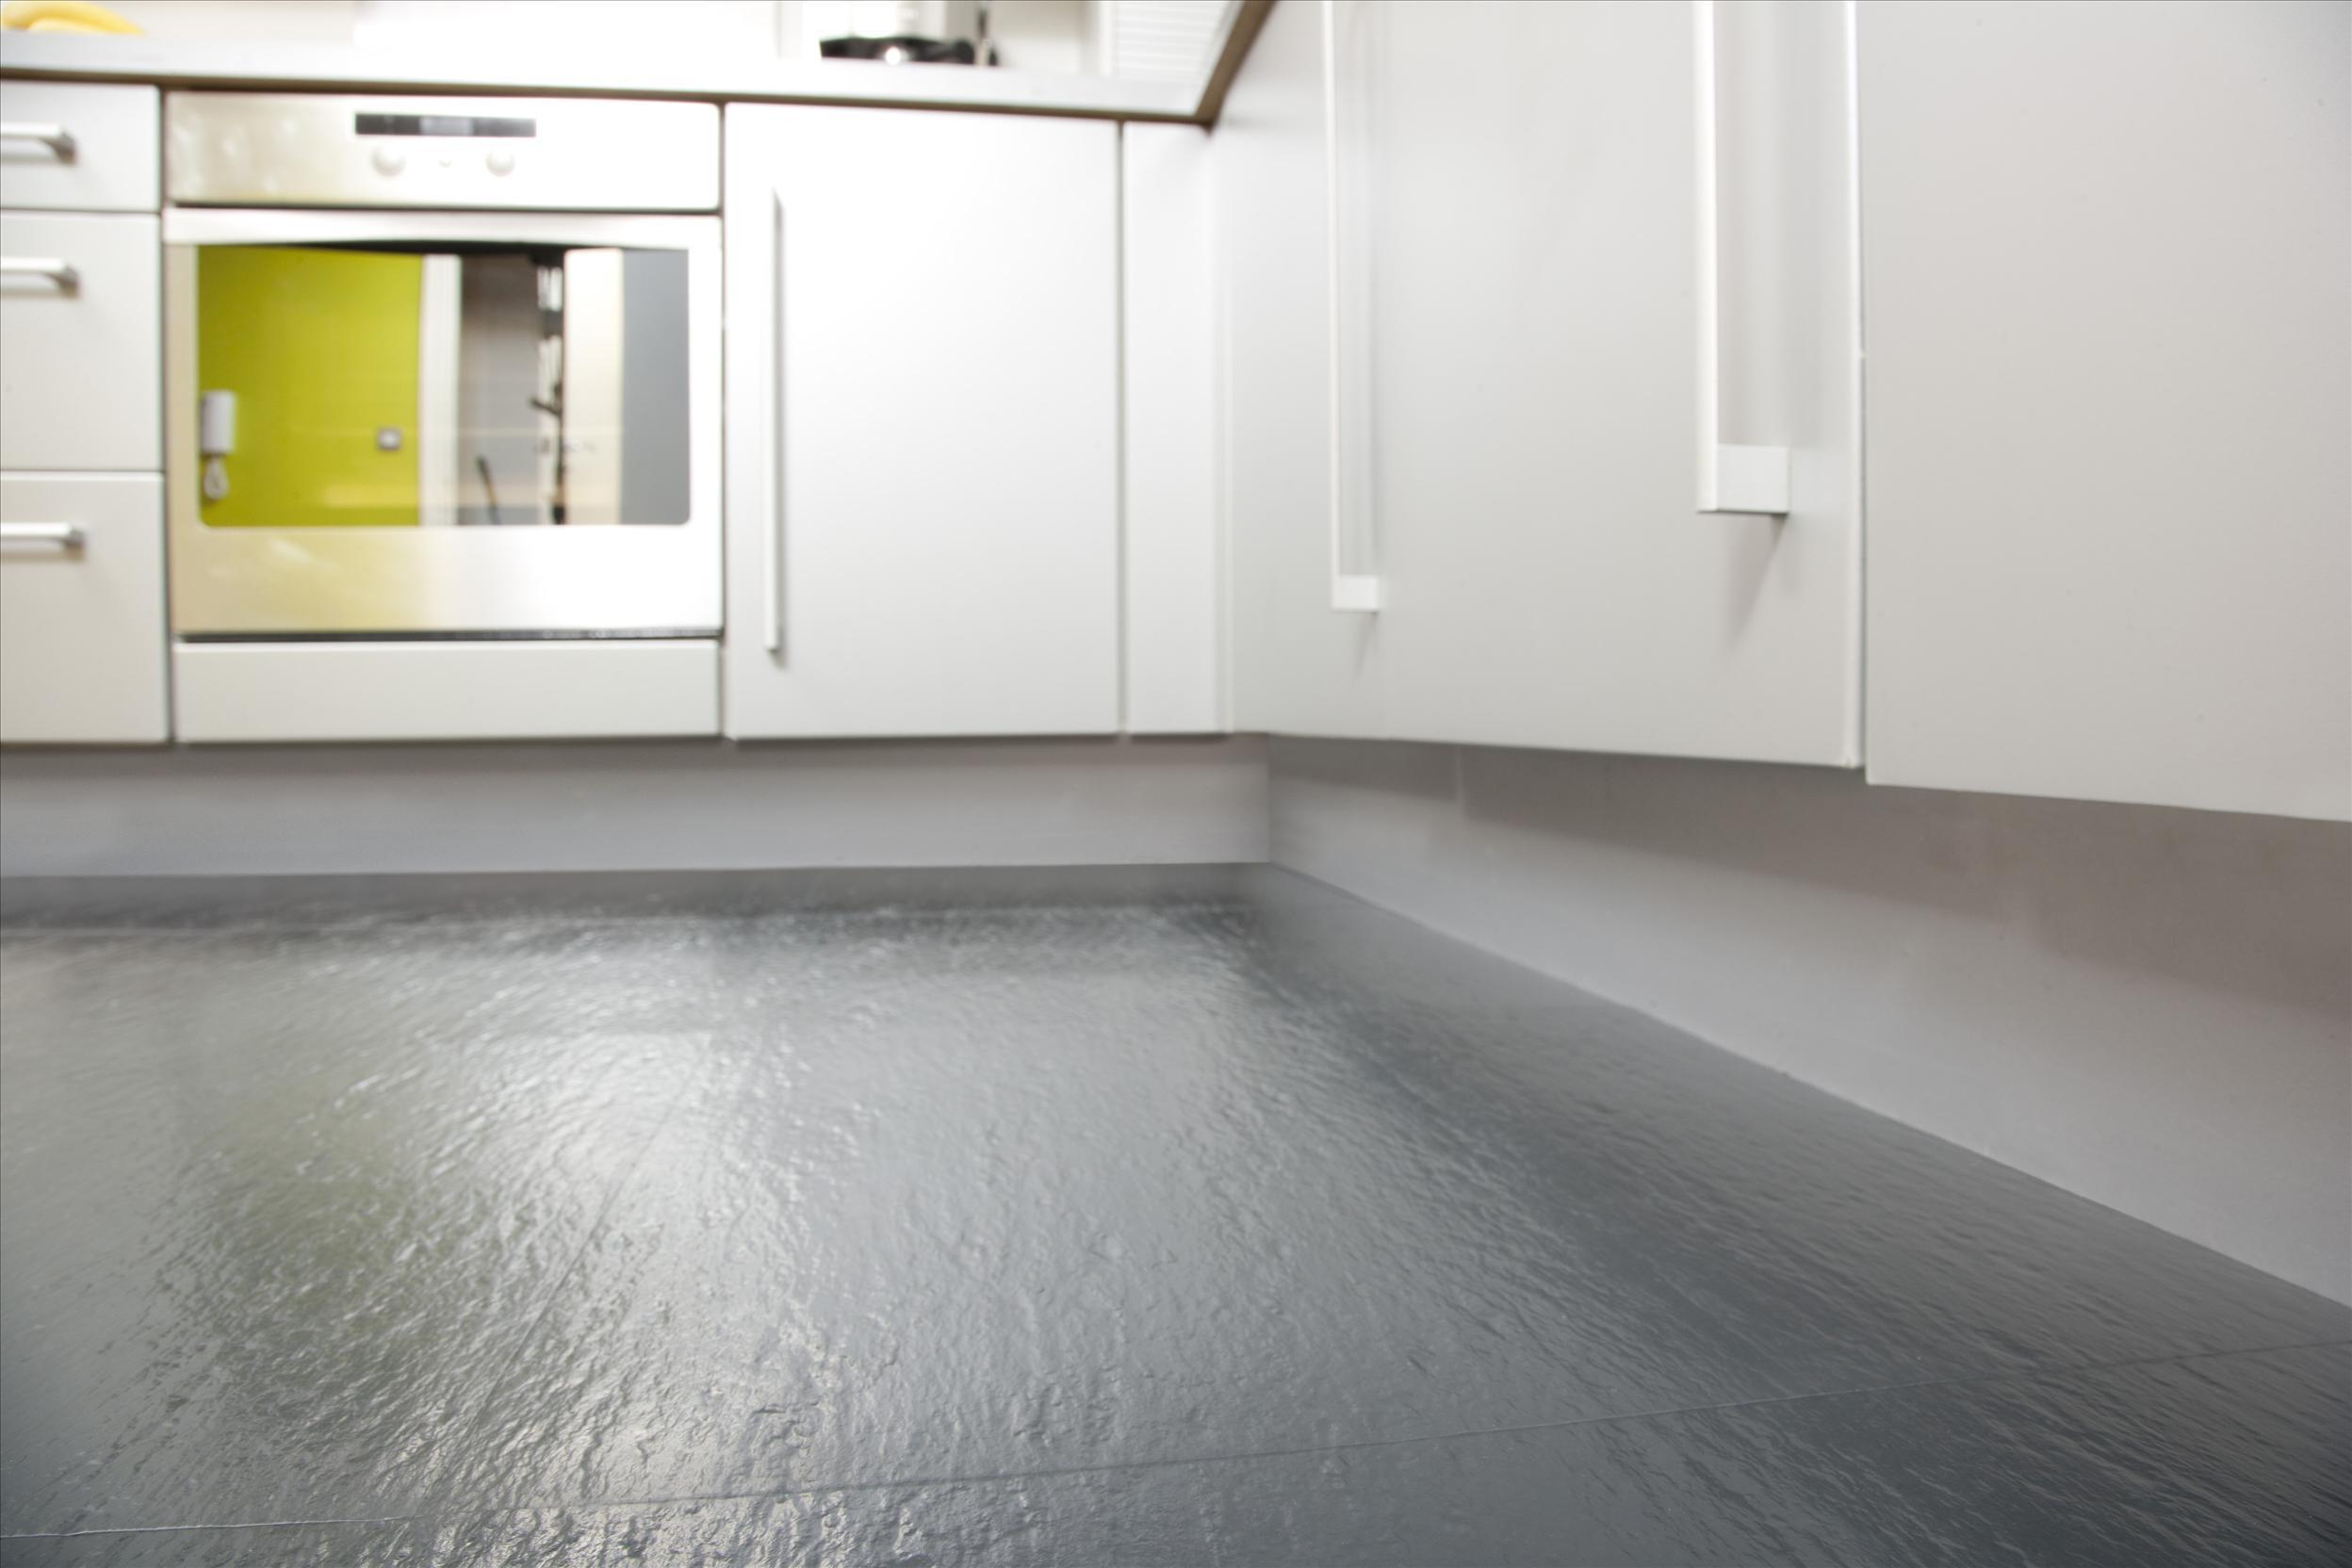 Reception area  flooring ideas on Pinterest  Rubber